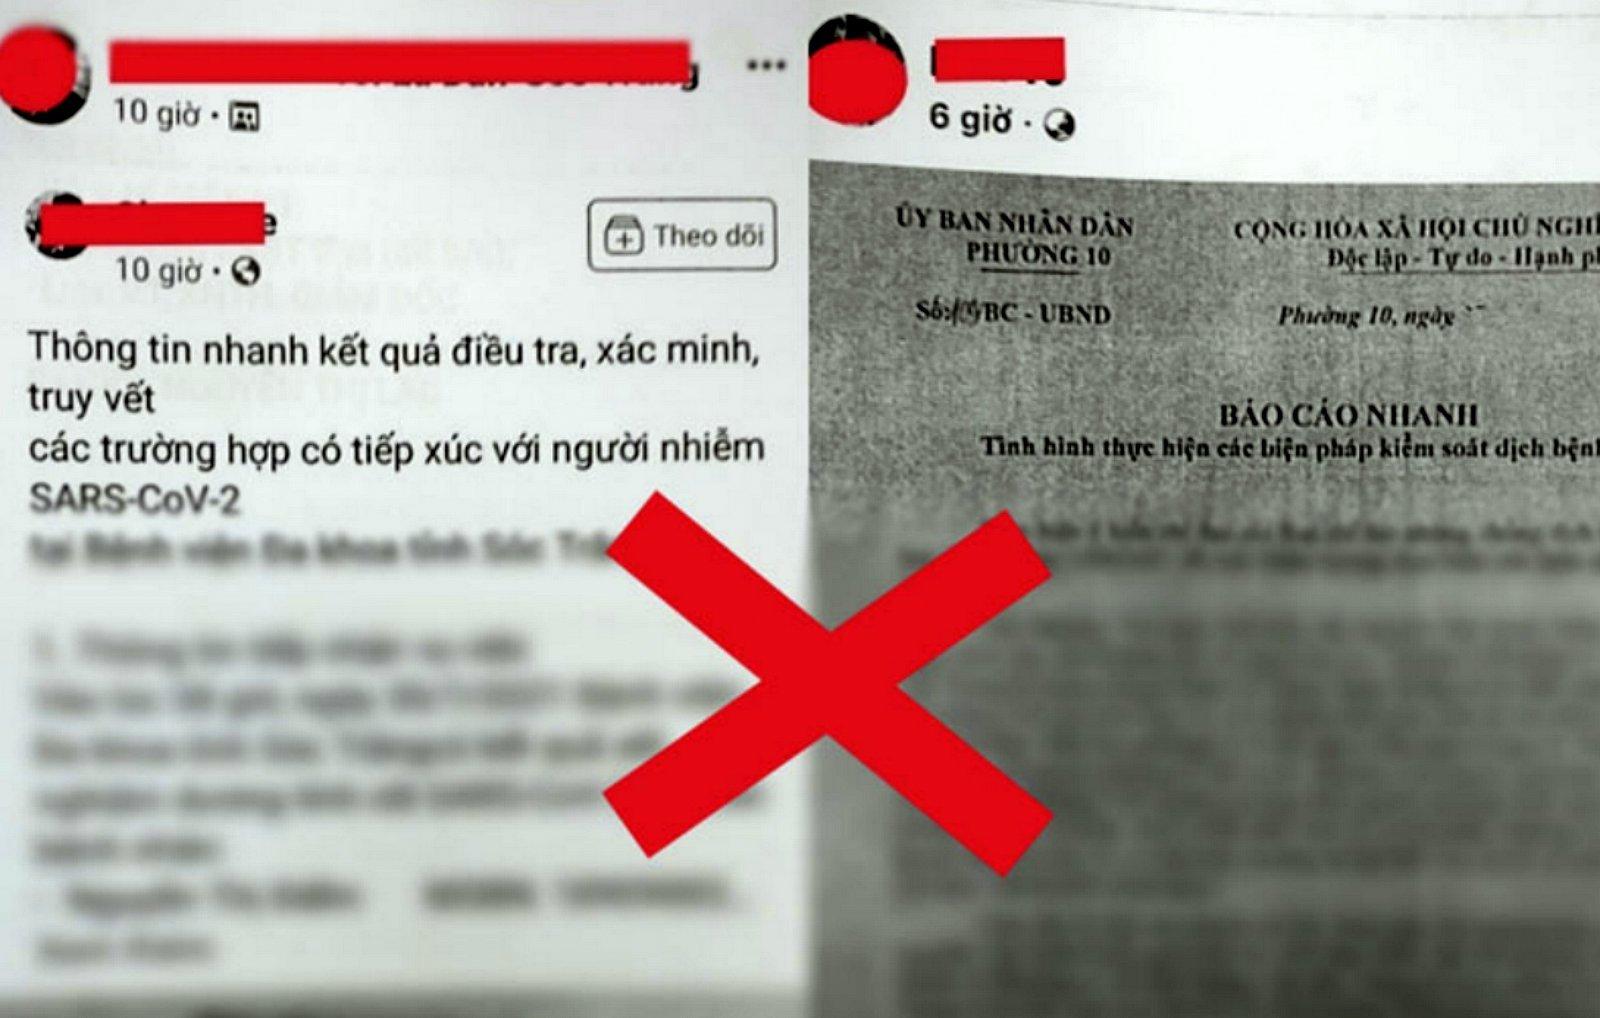 Thông tin cá nhân bị người khác đăng tải lên mạng xã hội mà không được sự đồng ý nên bị phạt